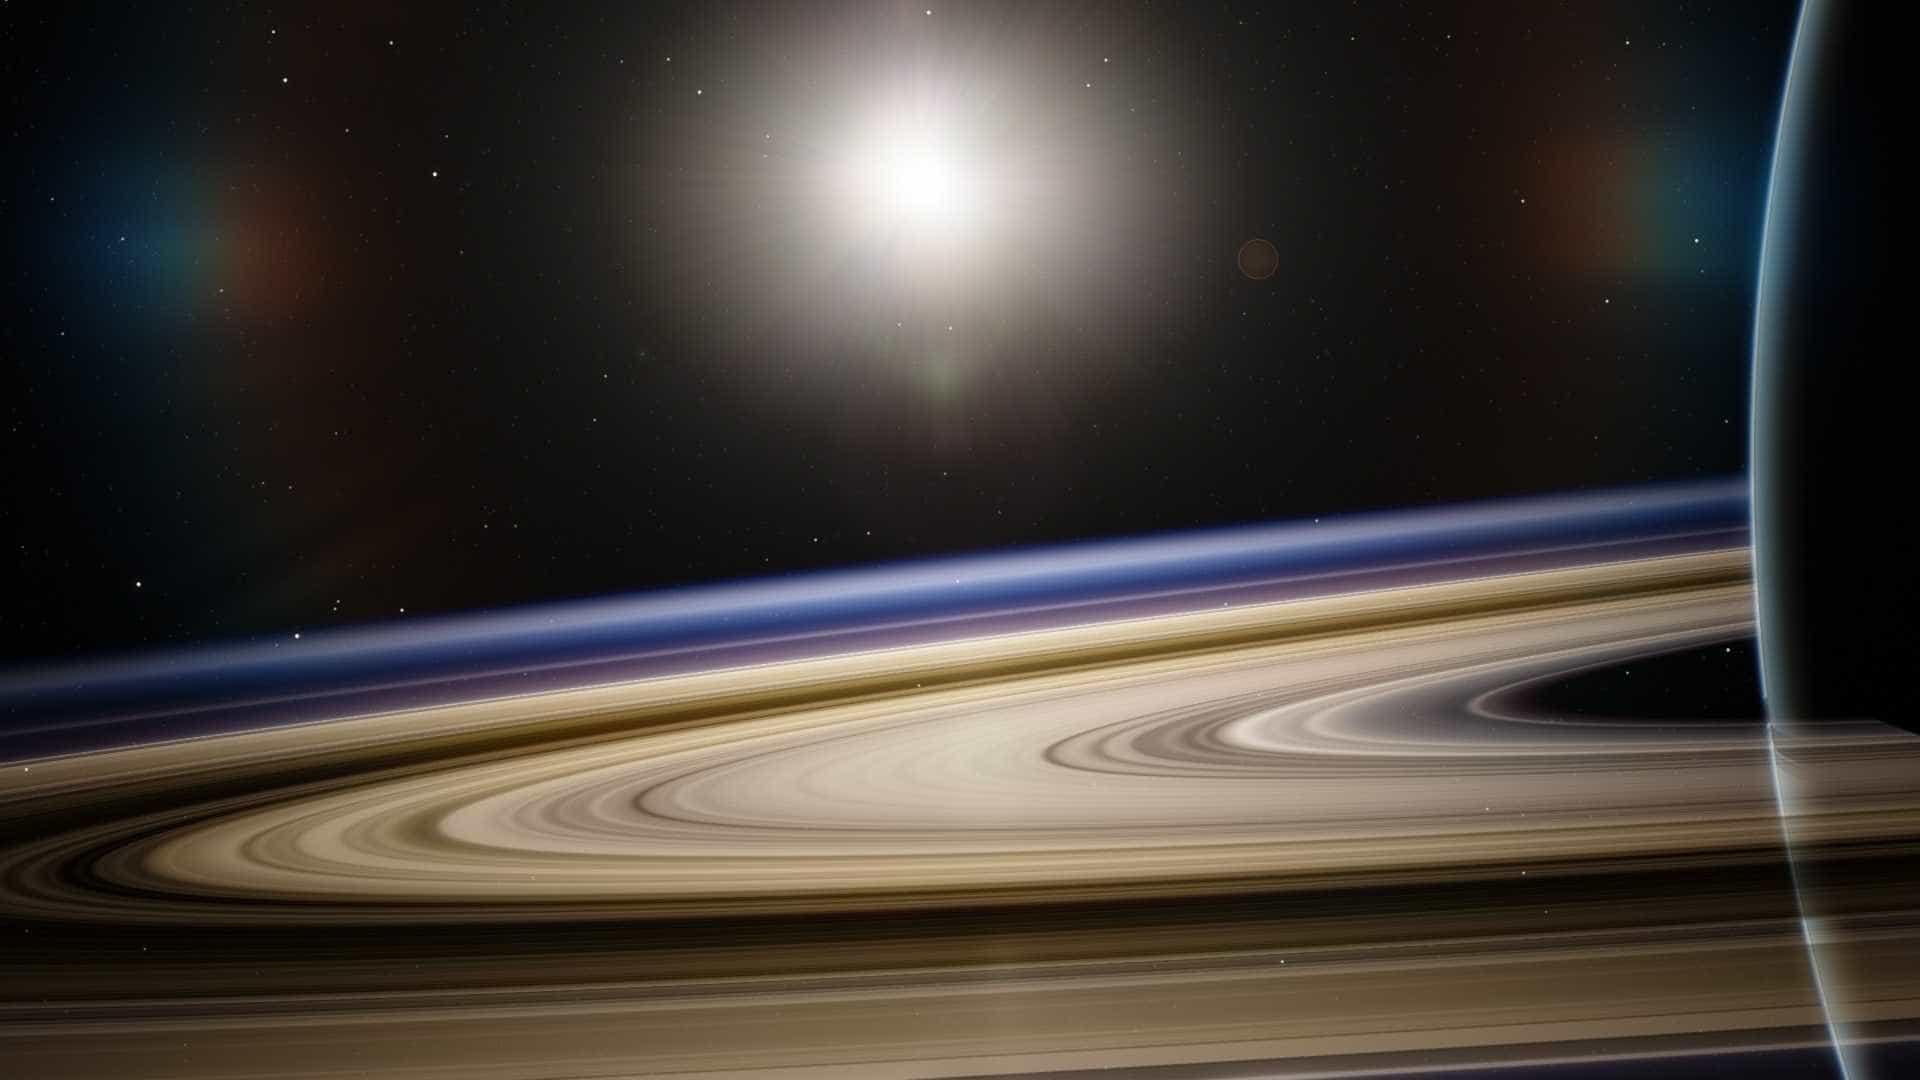 Astrônomos desvendam maior segredo dos anéis de Saturno